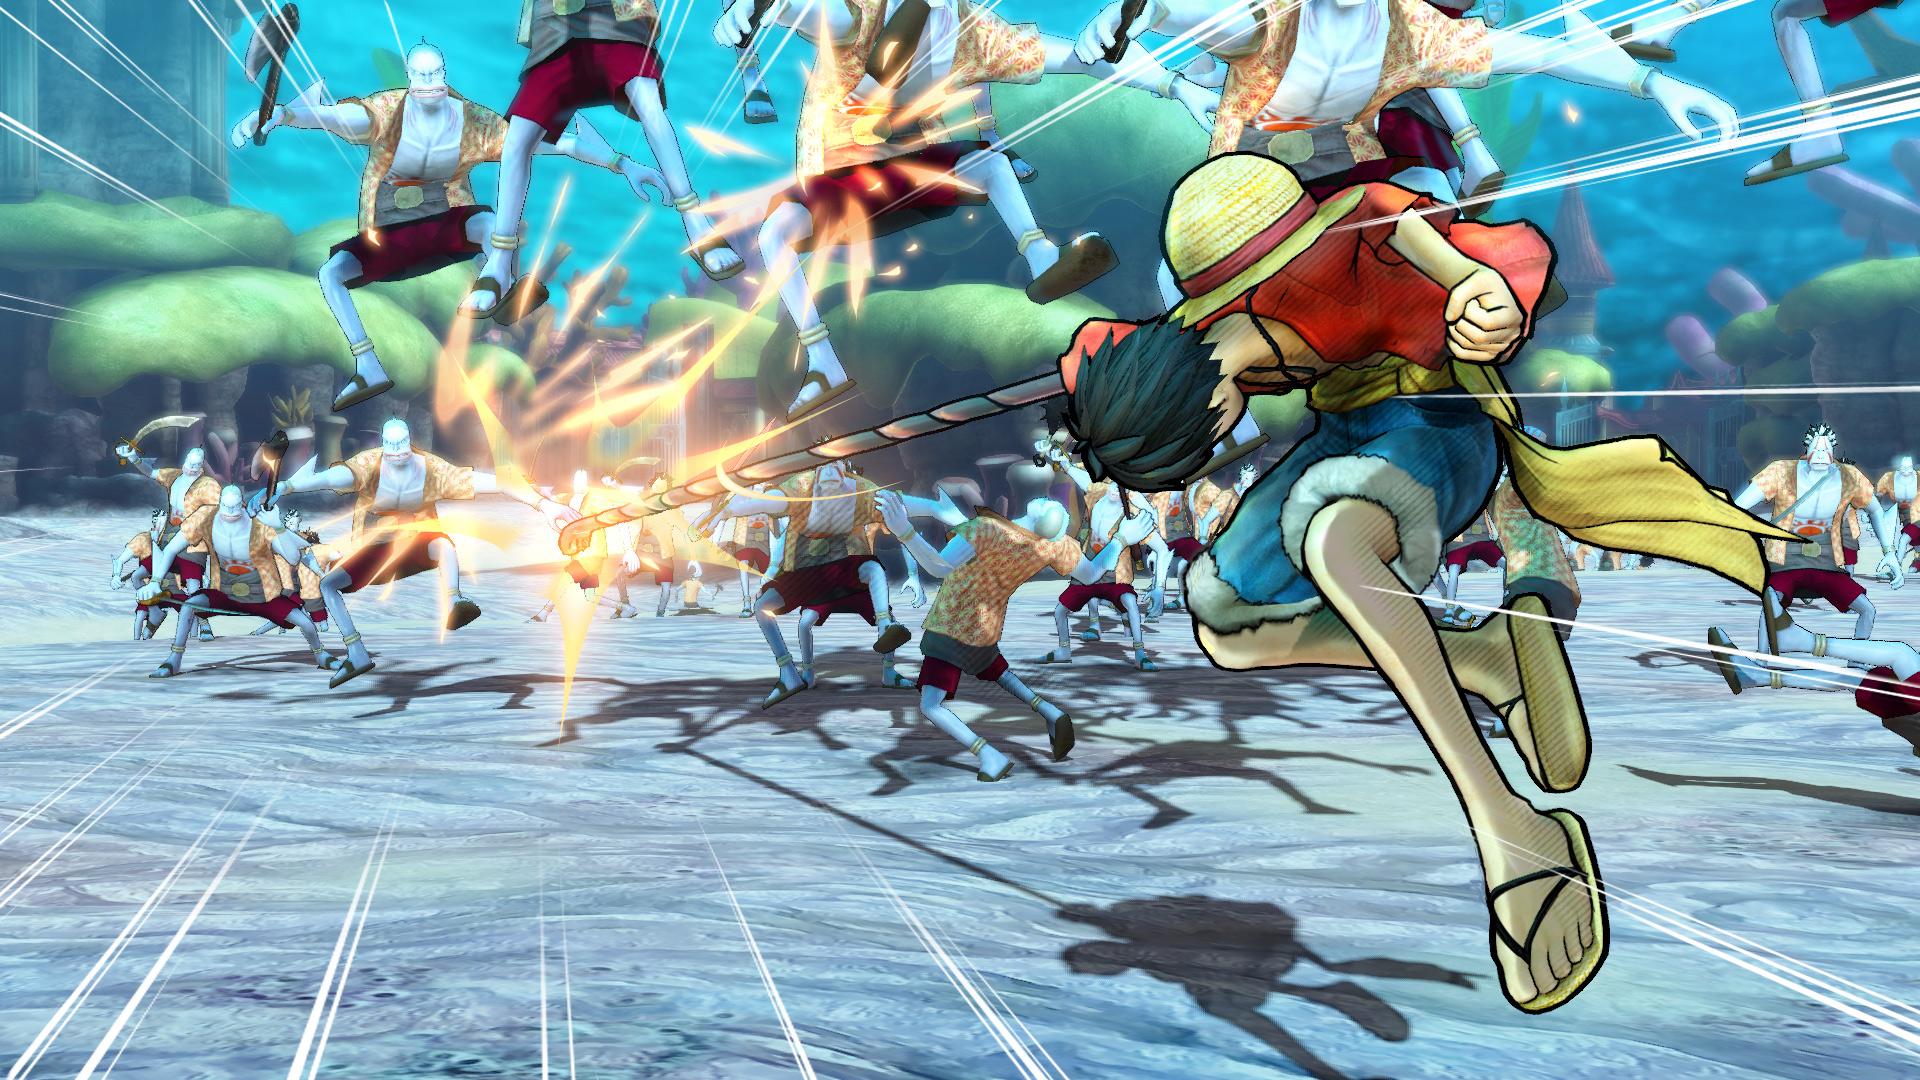 KHAiHOM.com - One Piece Pirate Warriors 3 DLC Pack 1